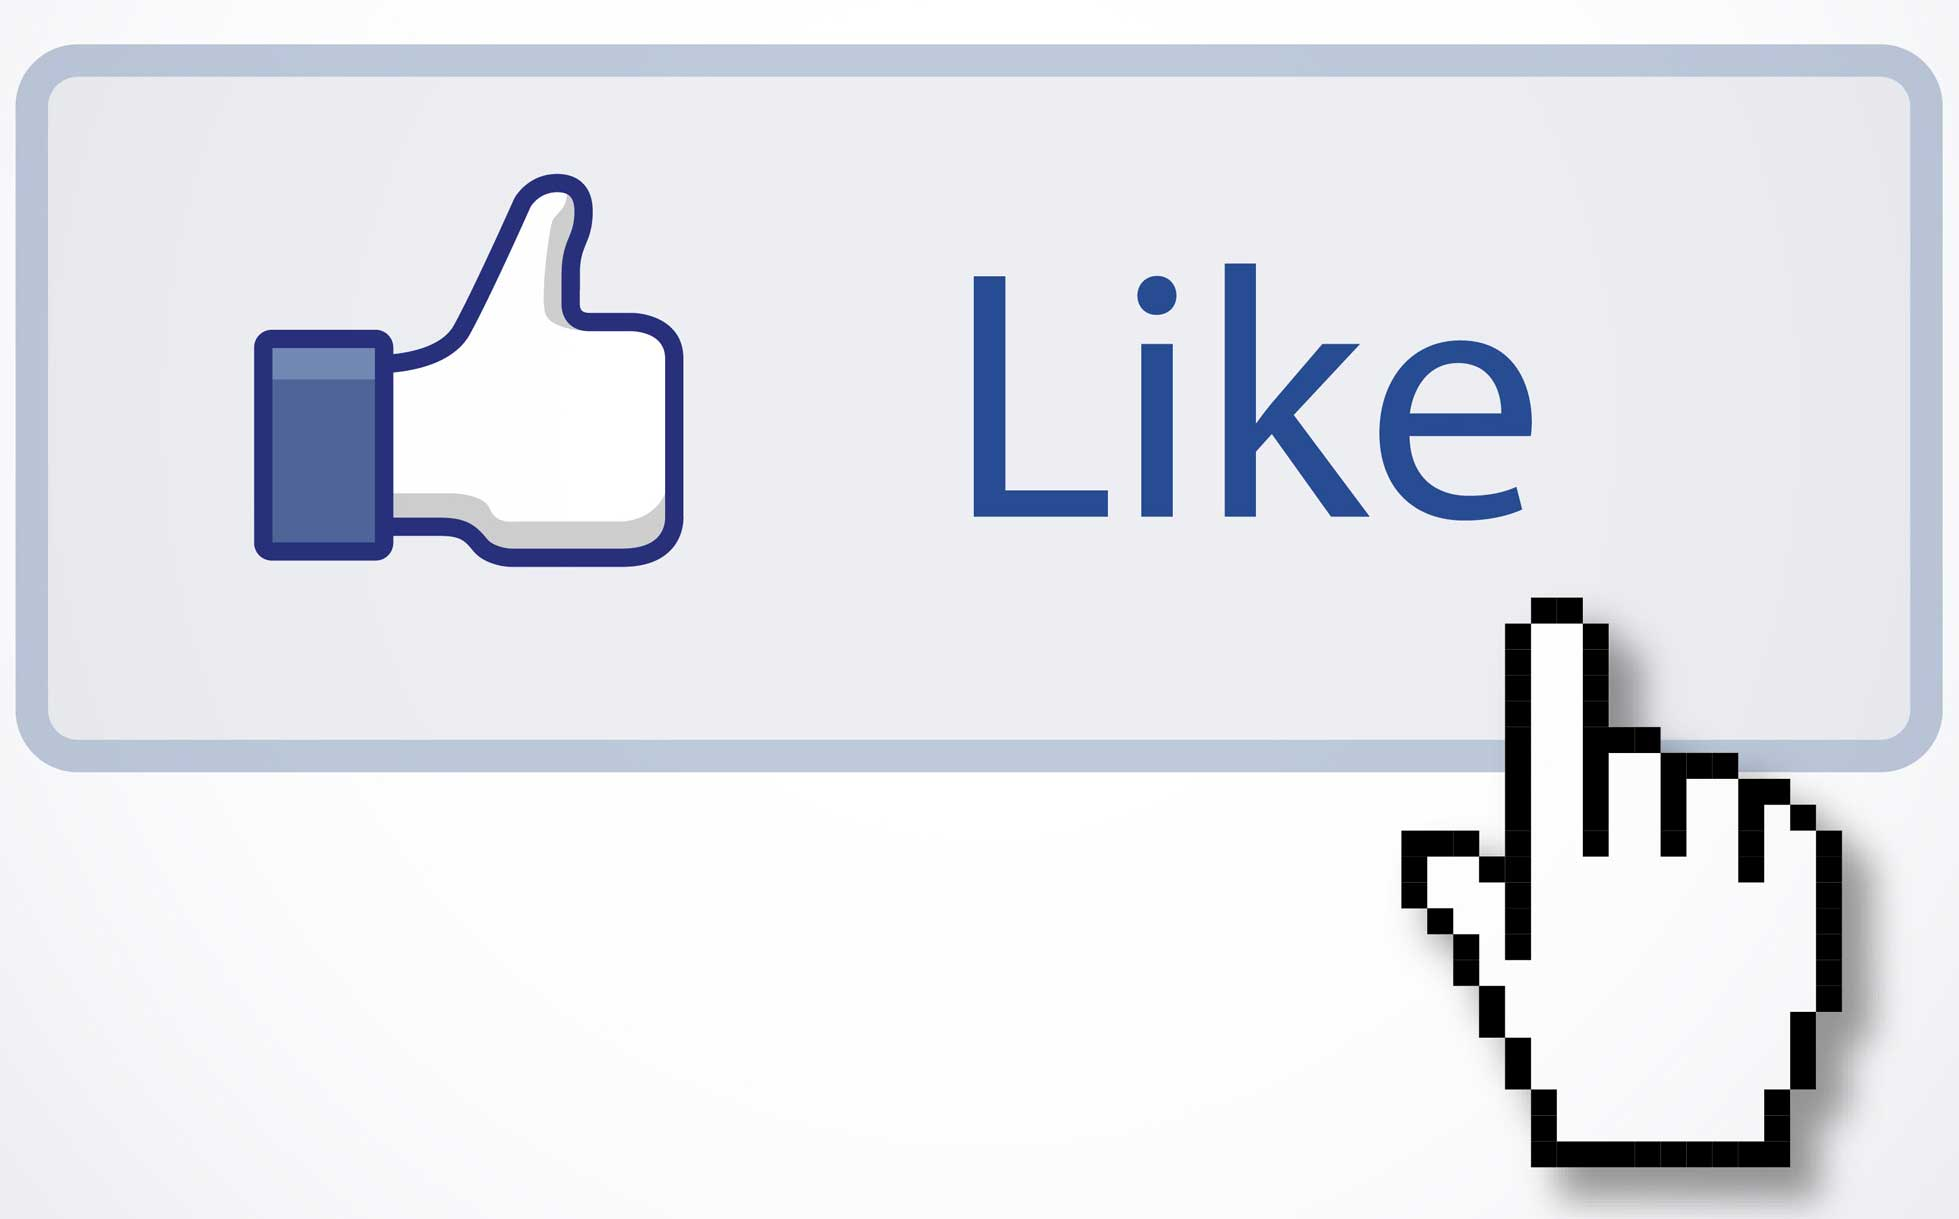 Kundenbindung leicht gemacht: Die Fanpage